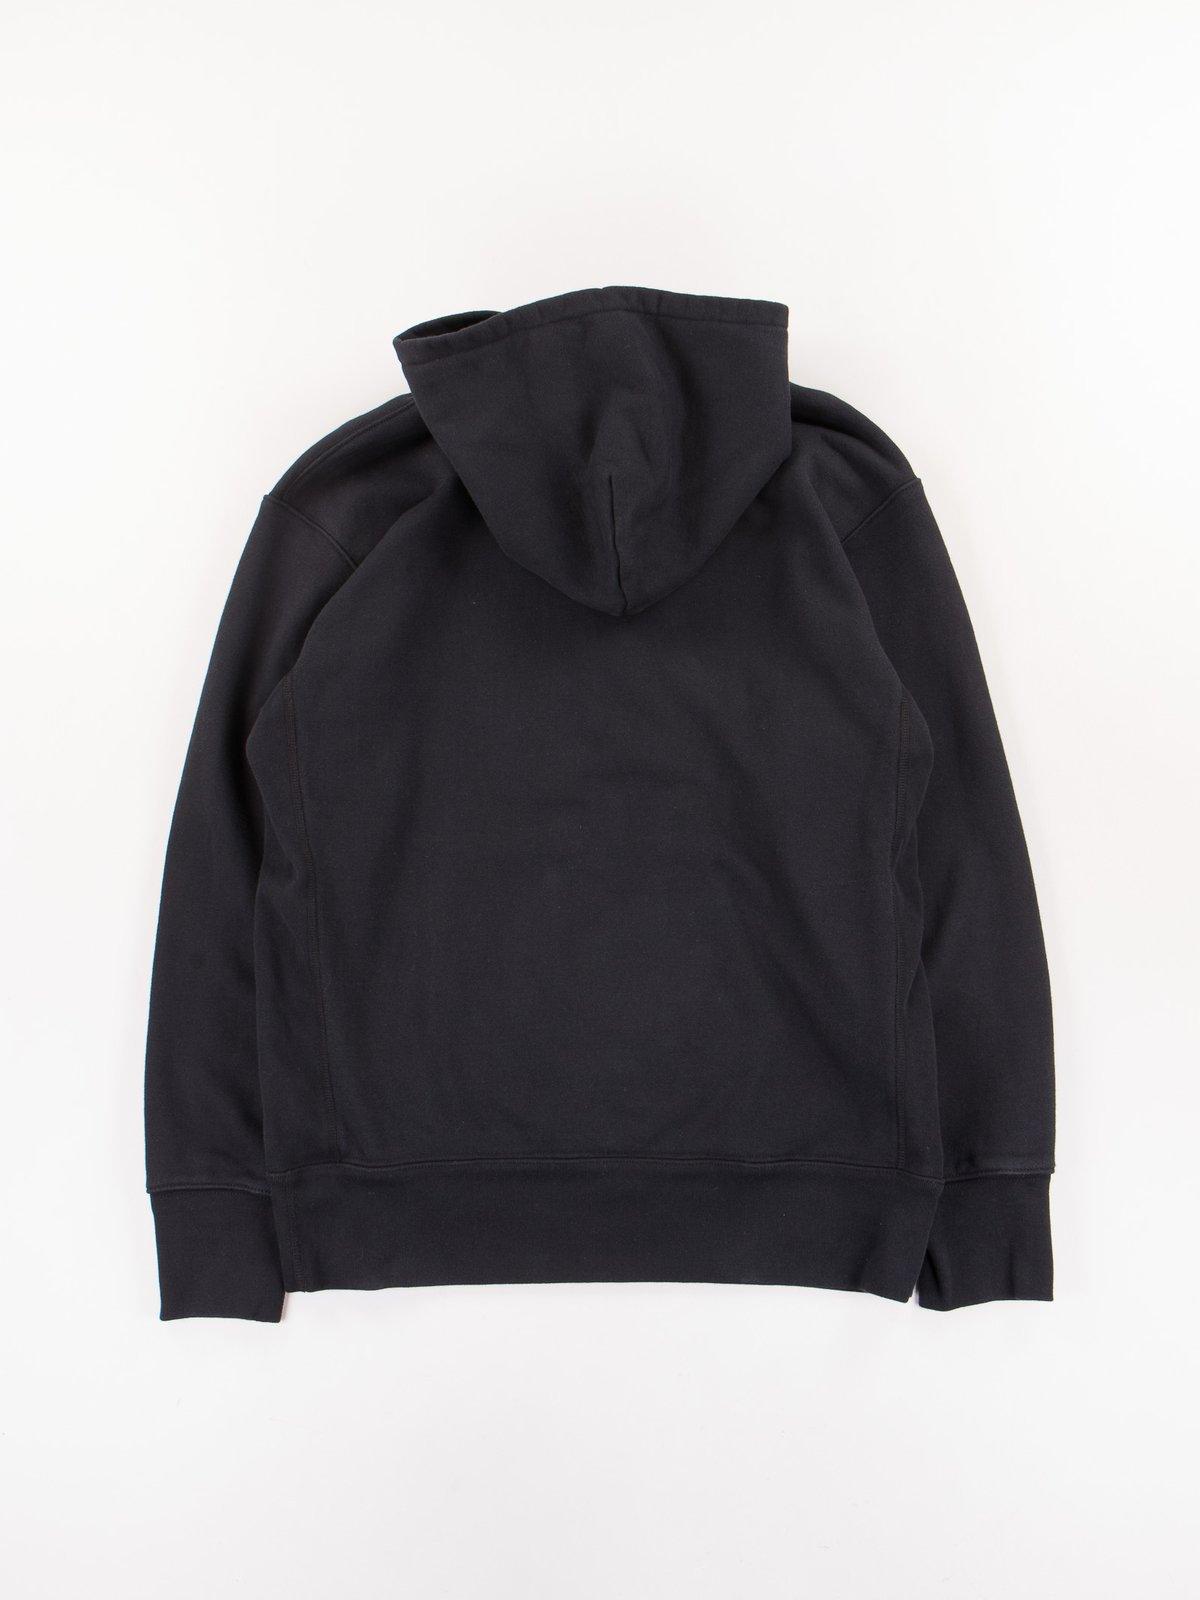 Black Gusset Pullover Parka - Image 7